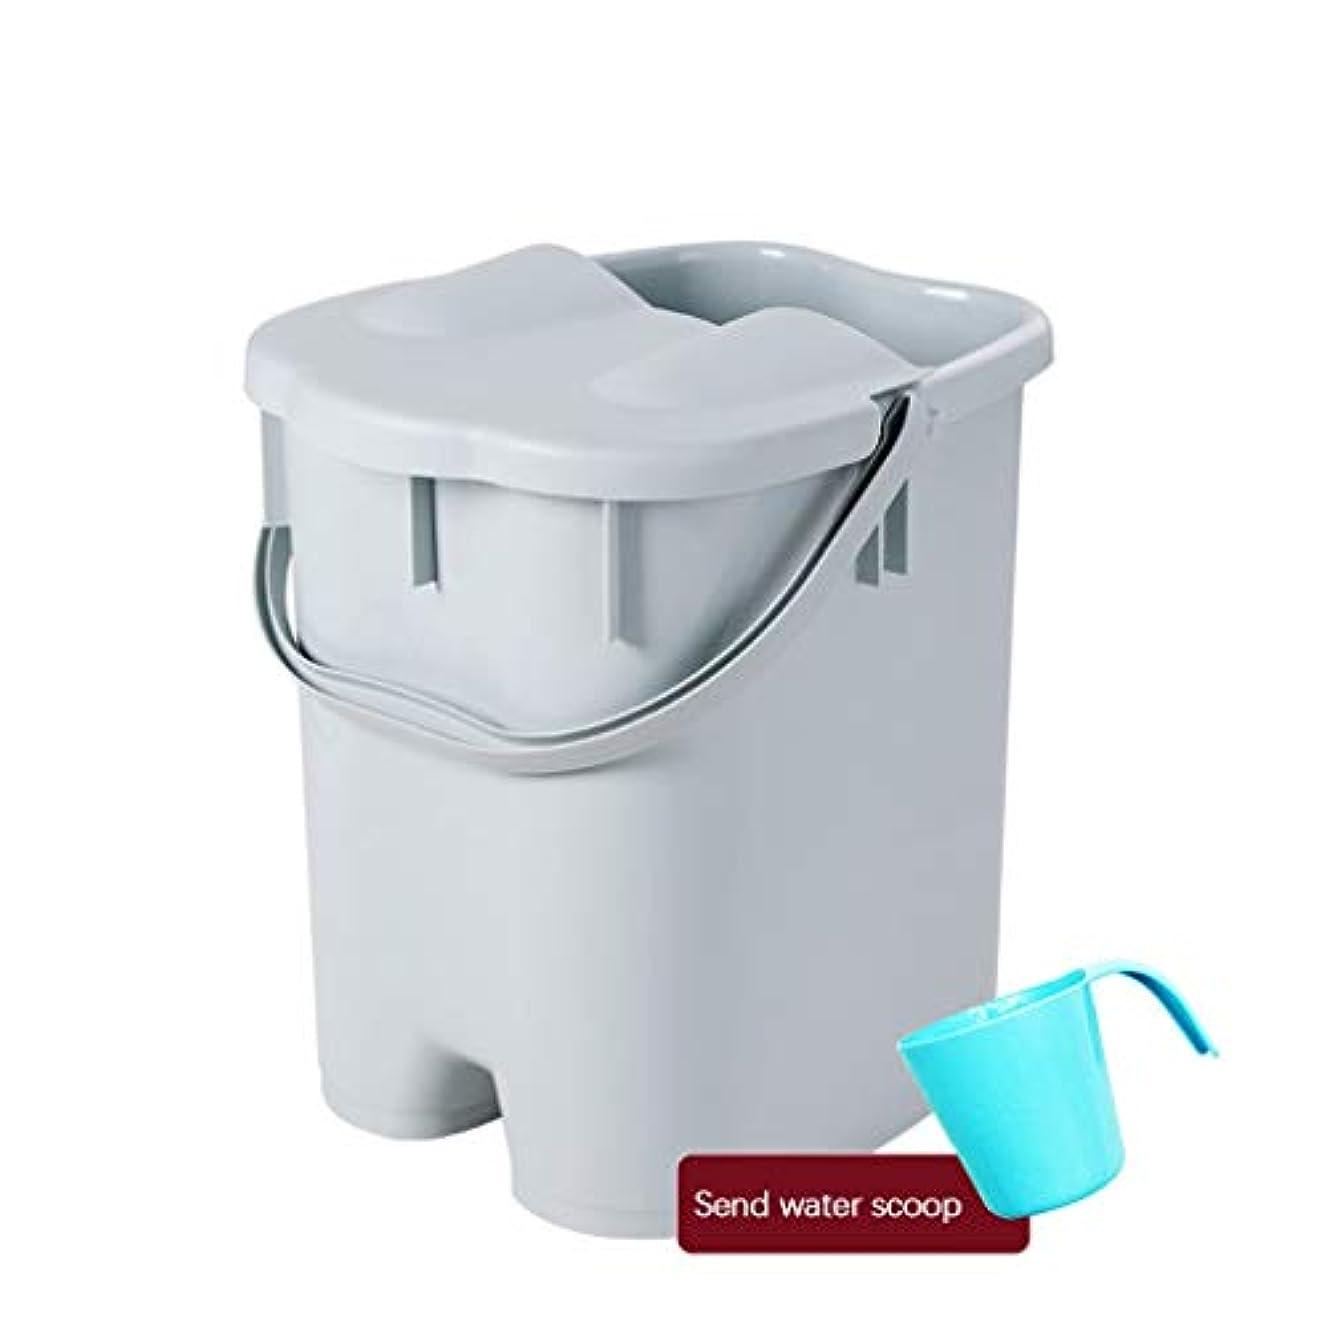 レディ成熟ベストBB- ?AMTポータブルマッサージ浴槽プラスチック足湯バケツ付き蓋保温足風呂盆地大人スパボウル世帯 0409 (色 : Gray, サイズ さいず : 27*31*41cm)